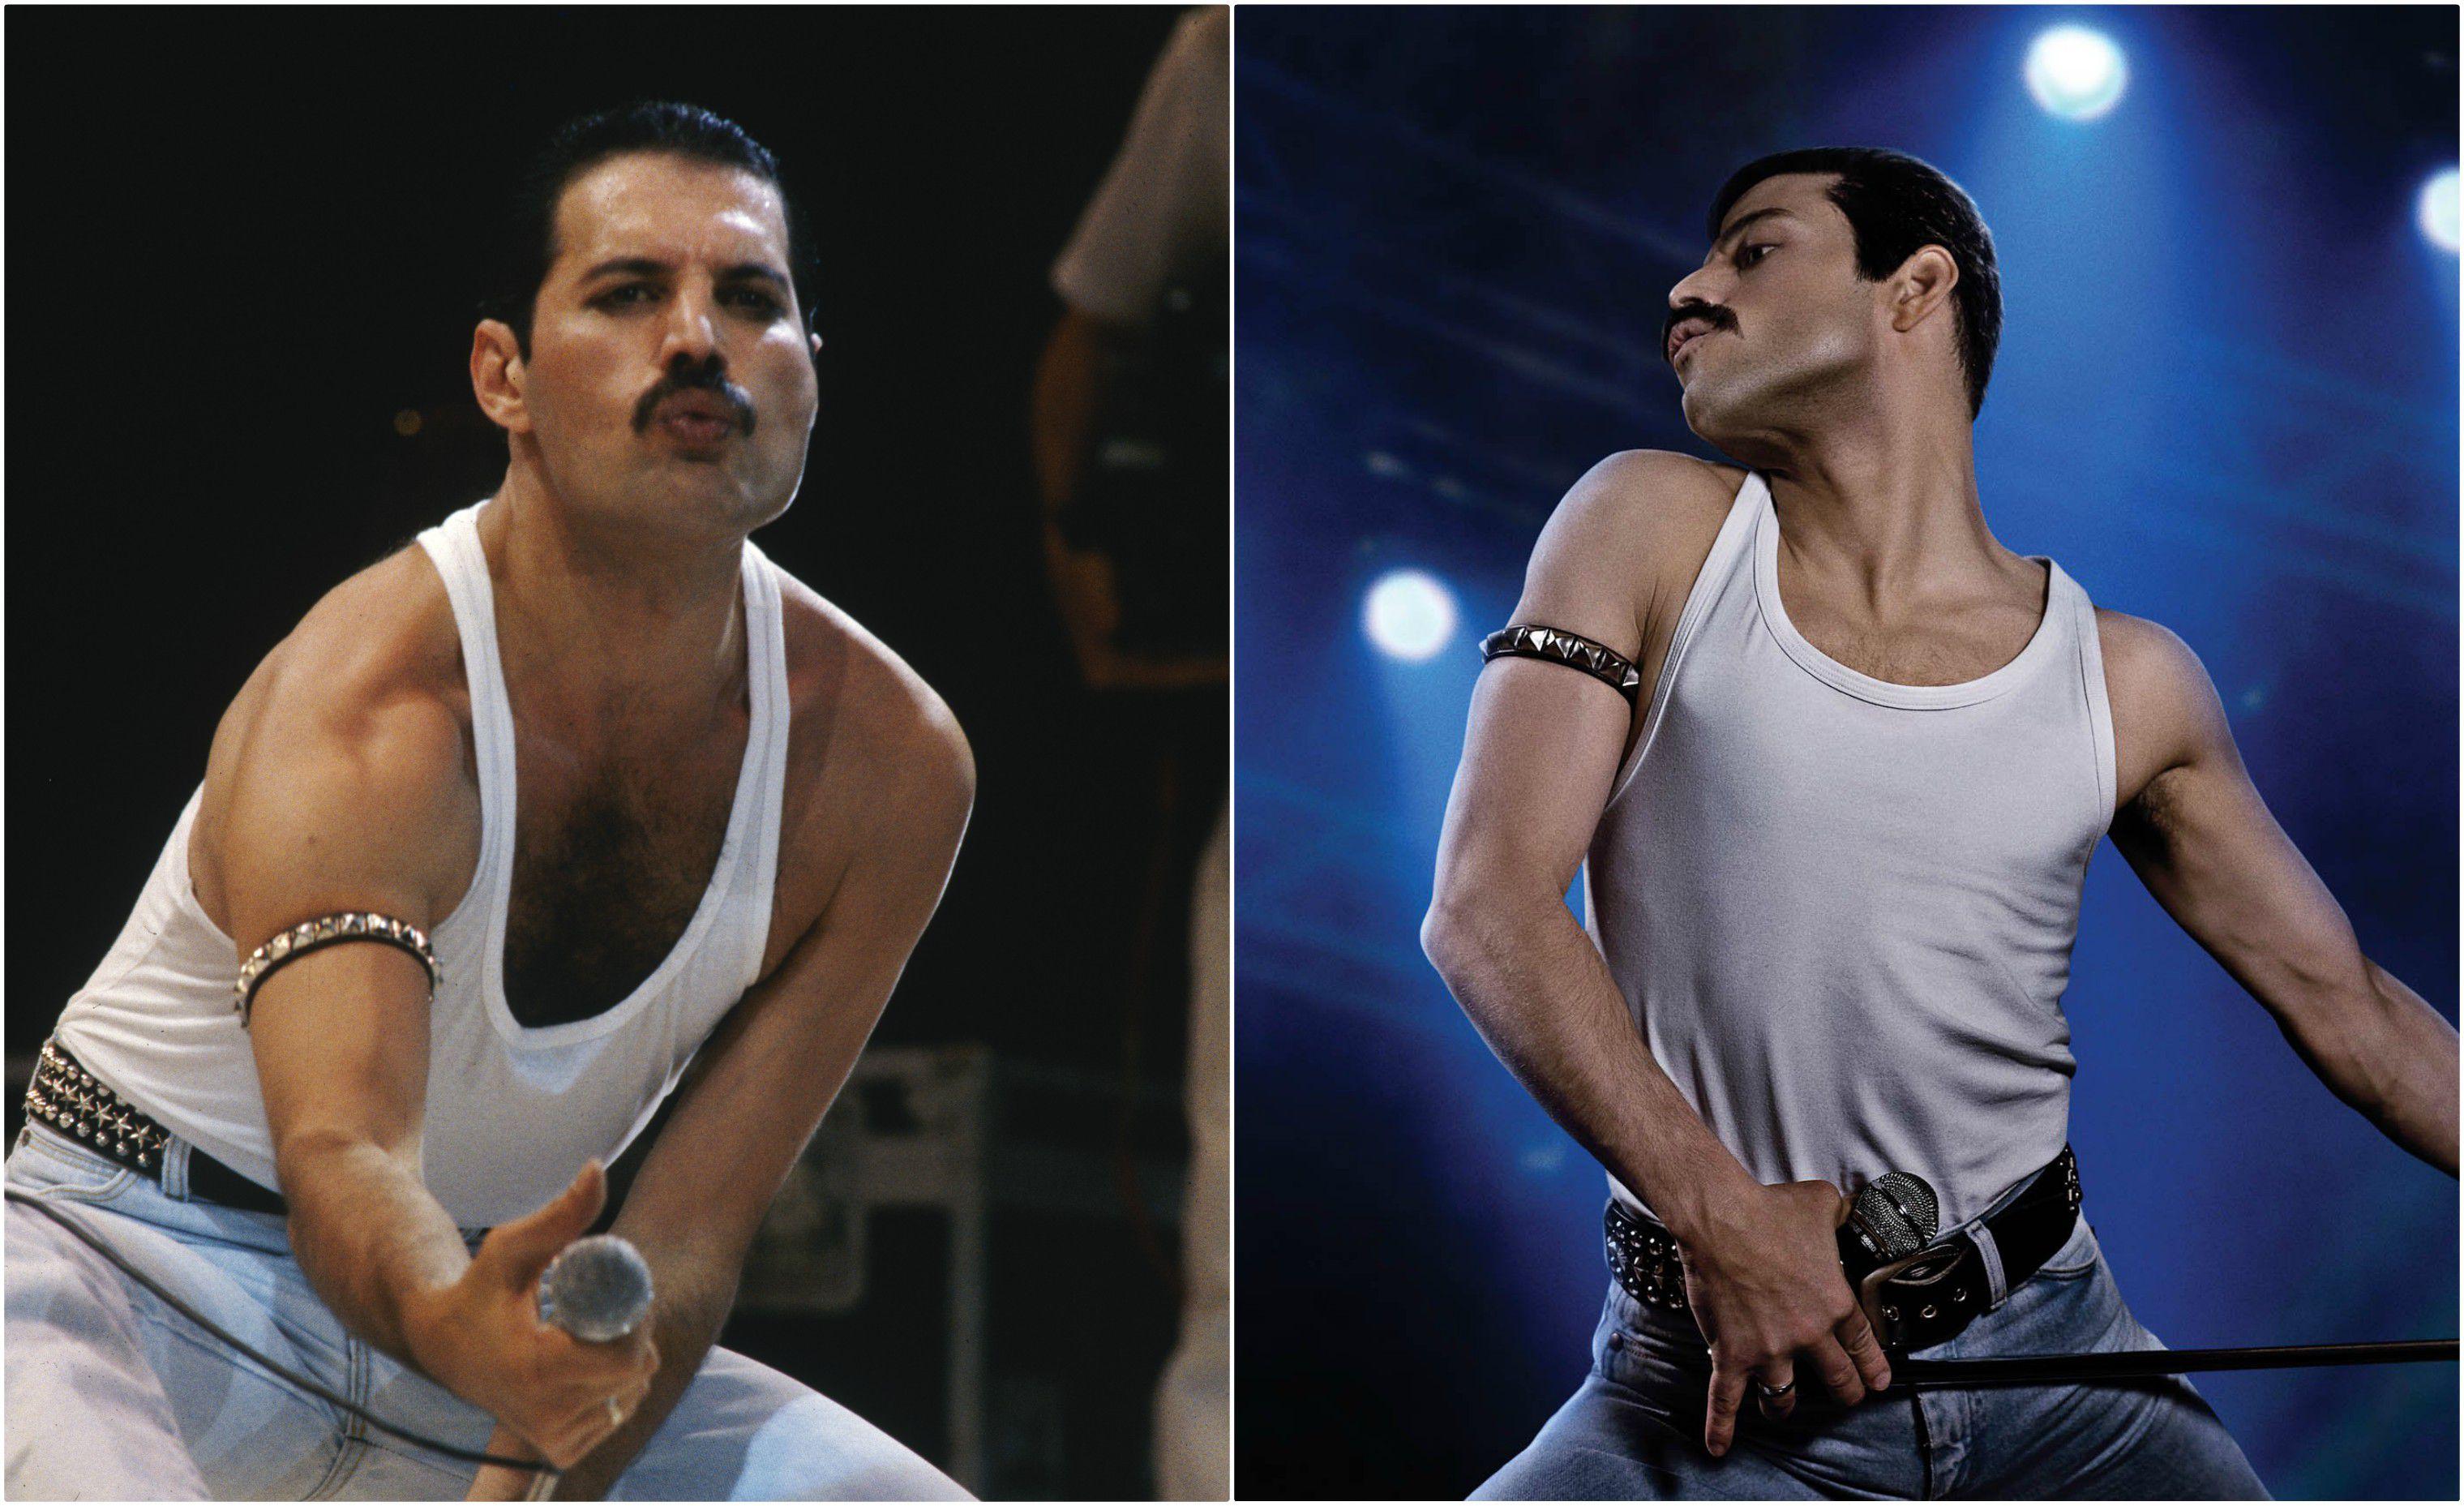 La verdadera historia de cómo Freddie Mercury se unió a Queen y que cuenta mal «Bohemian Rhapsody»